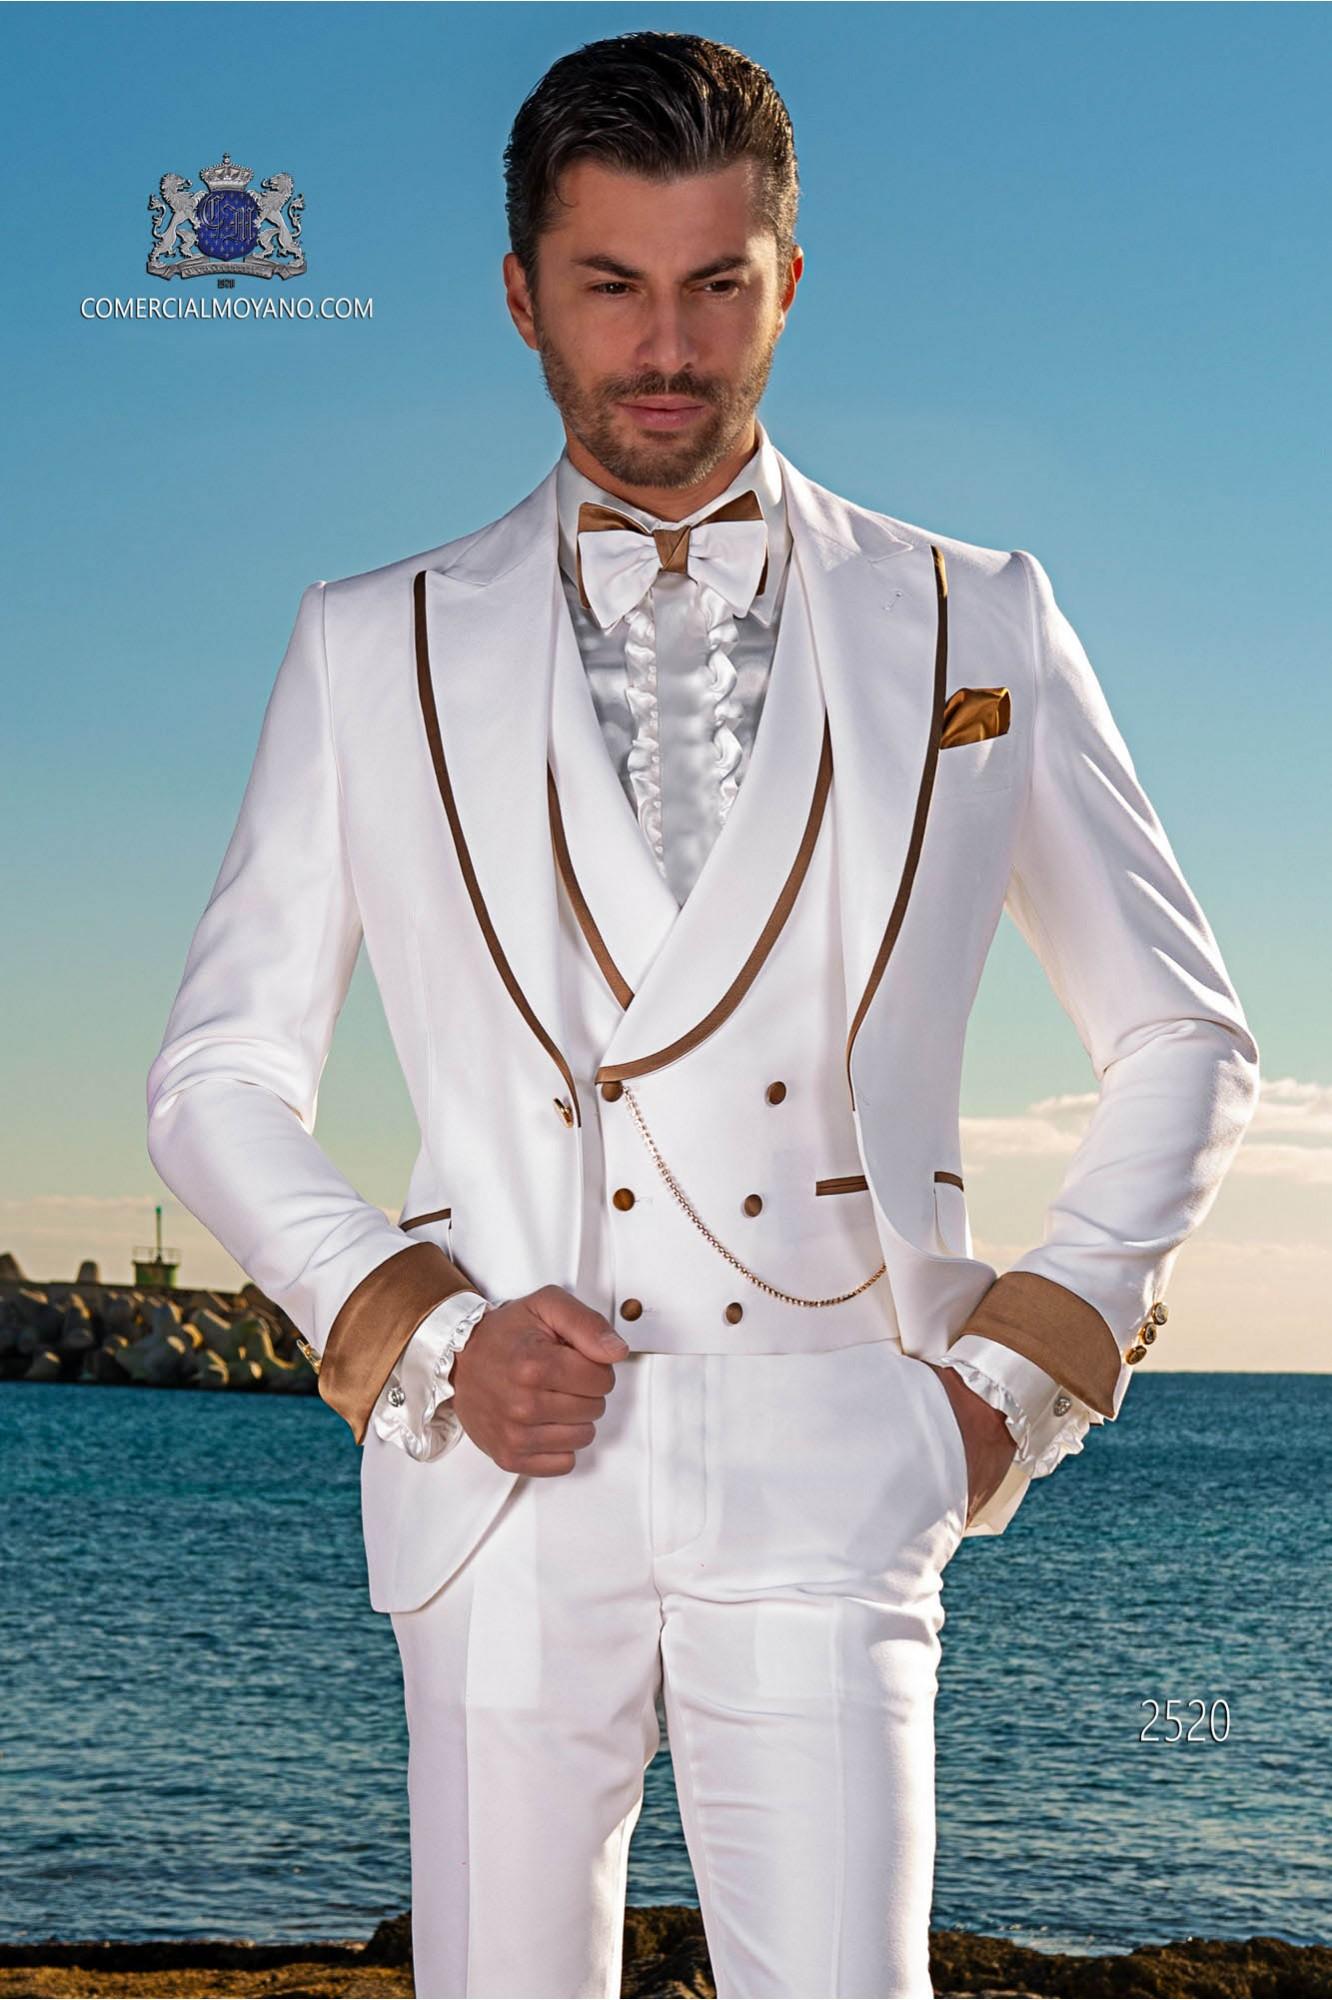 Traje de novio moderno blanco con con vivo dorado en la solapa